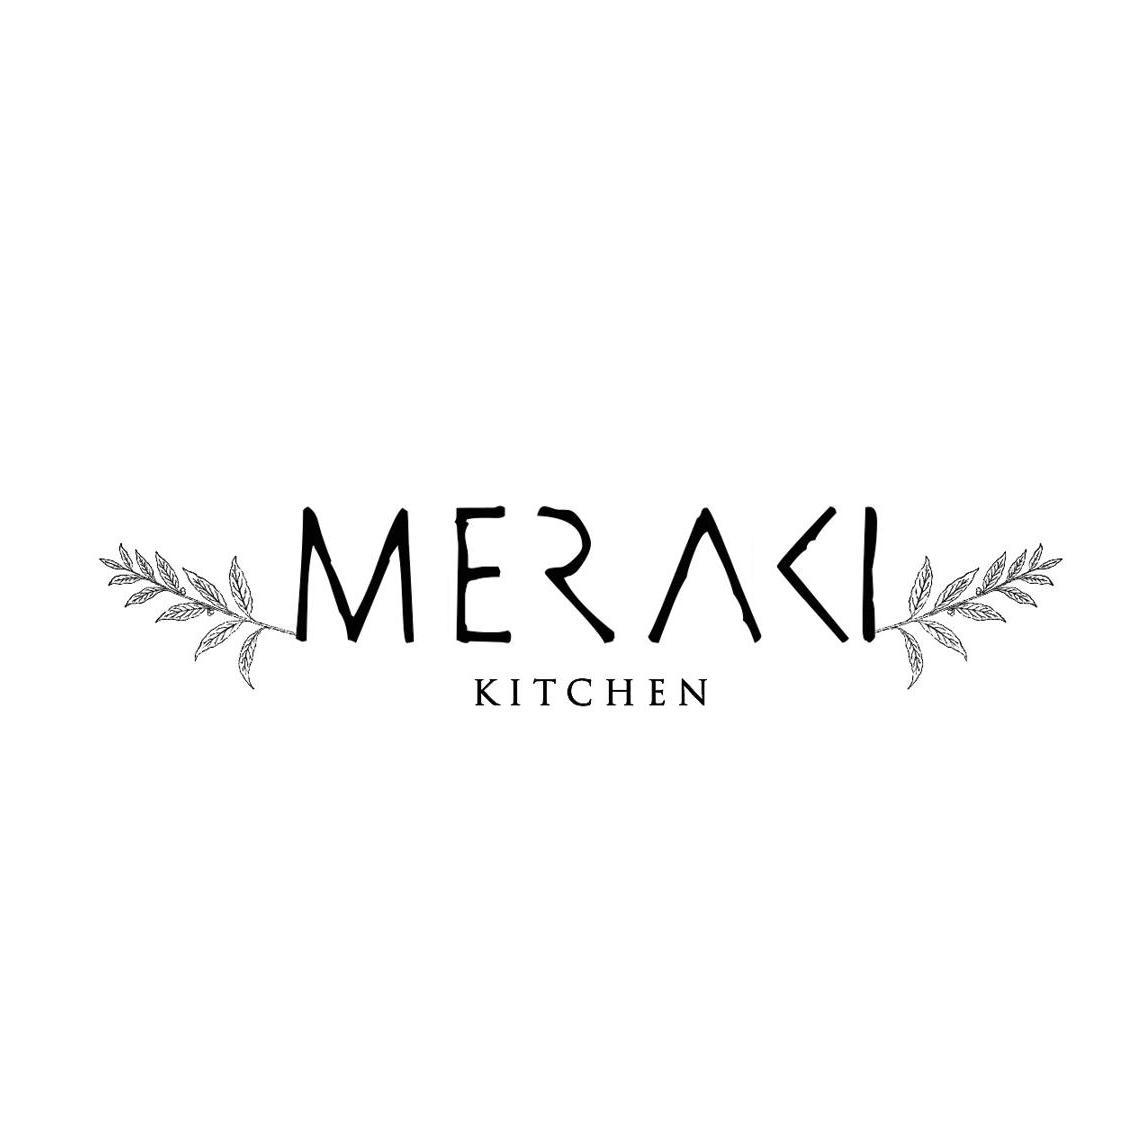 Meraki Logos